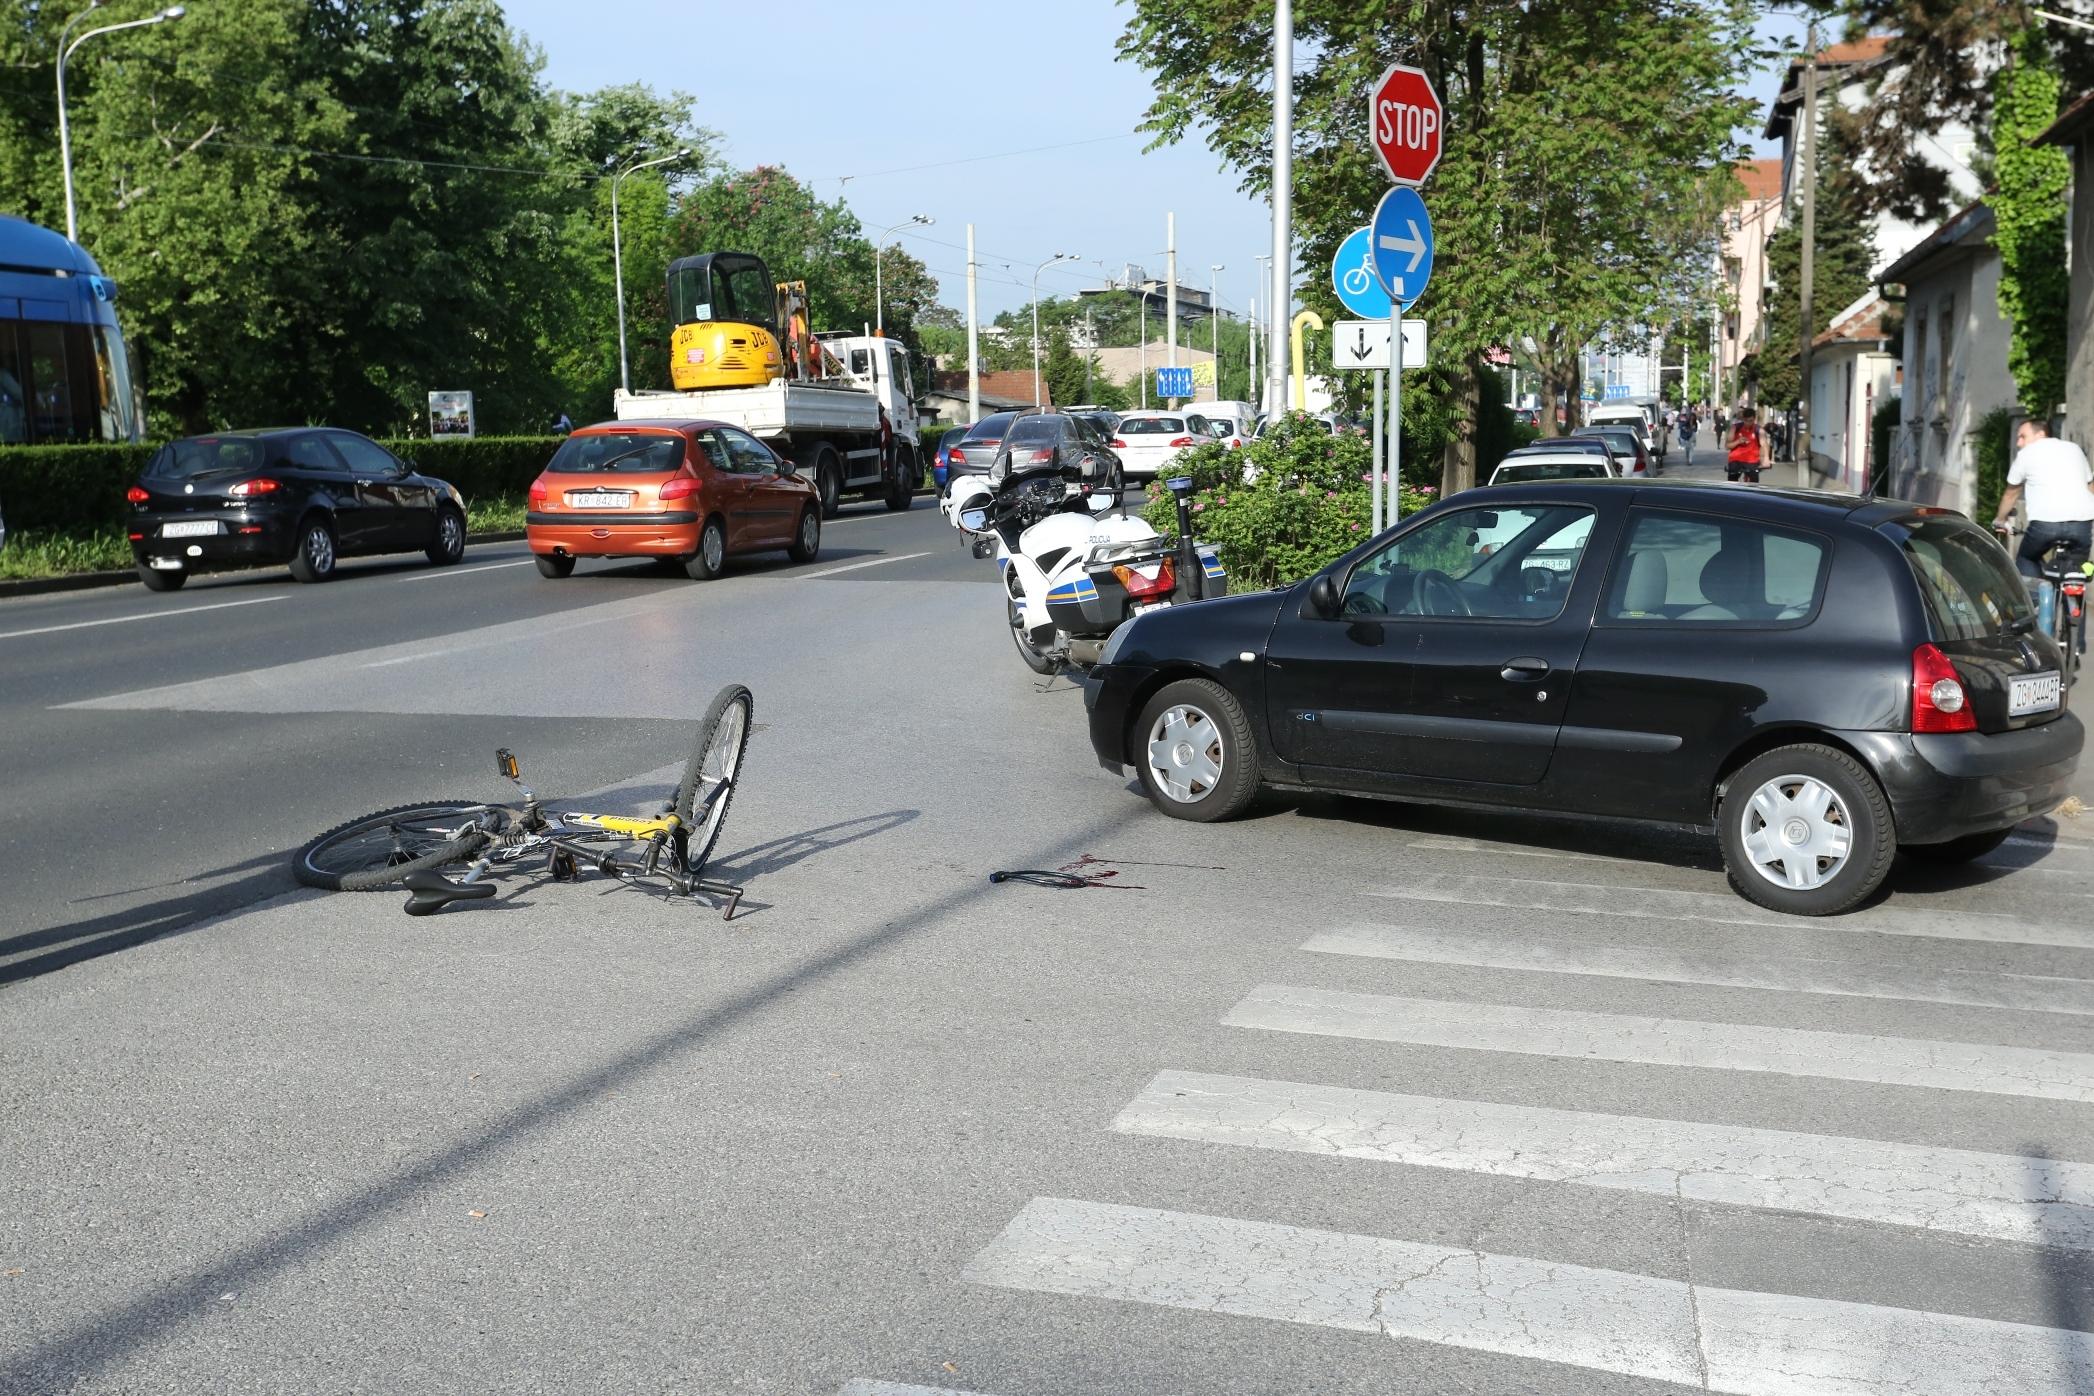 Sindikat biciklista: 'Biciklističke staze su za bicikle, ne za ugostiteljske terase i prodaju borova'